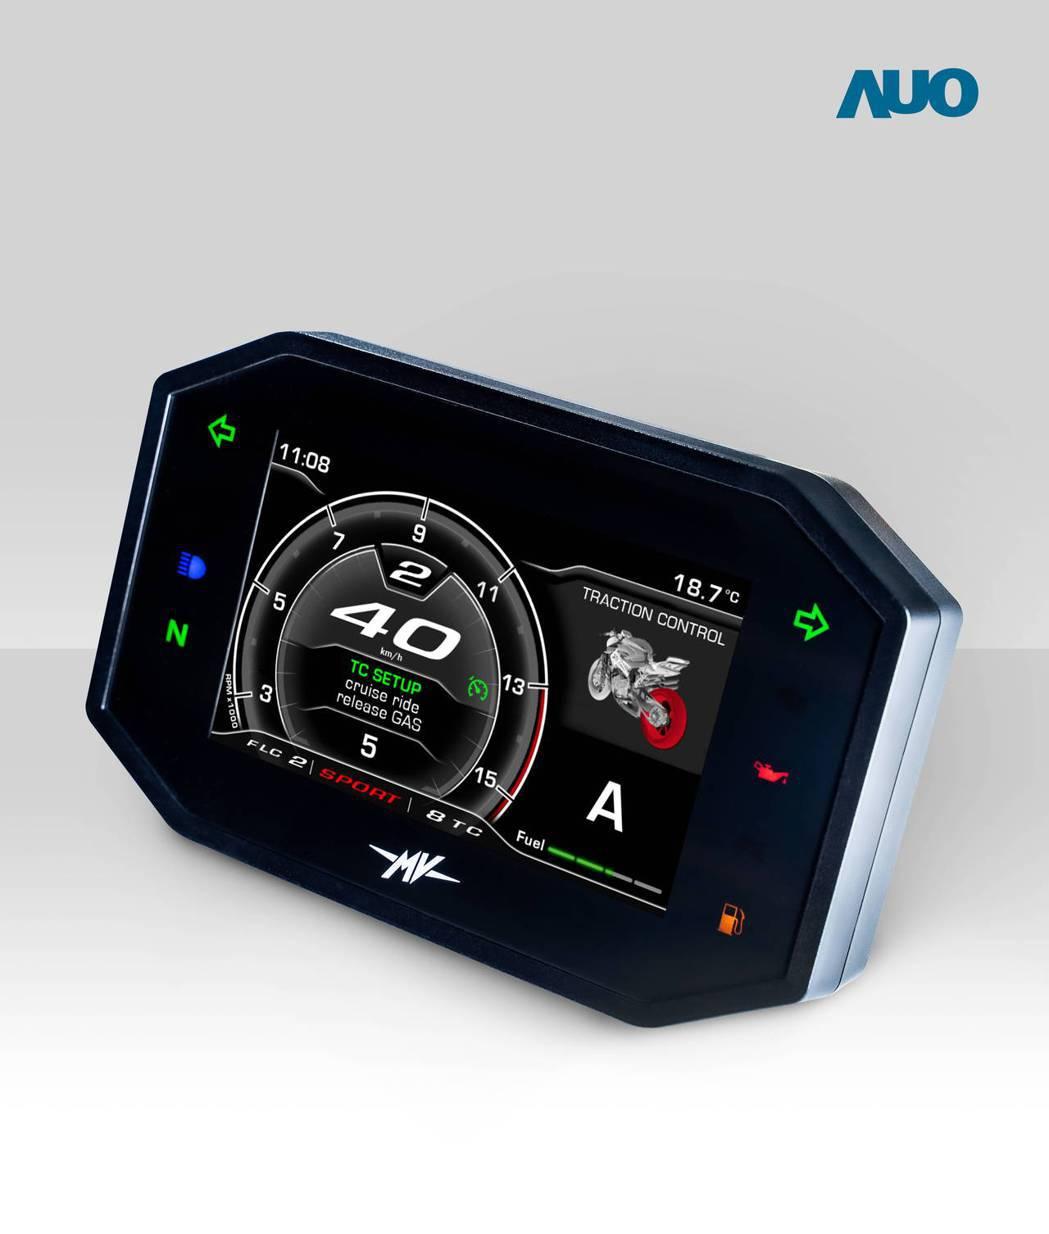 友達機車智慧儀表系統打造串接人、車、AIoV雲端平台的關鍵溝通介面,實現聯網智慧...